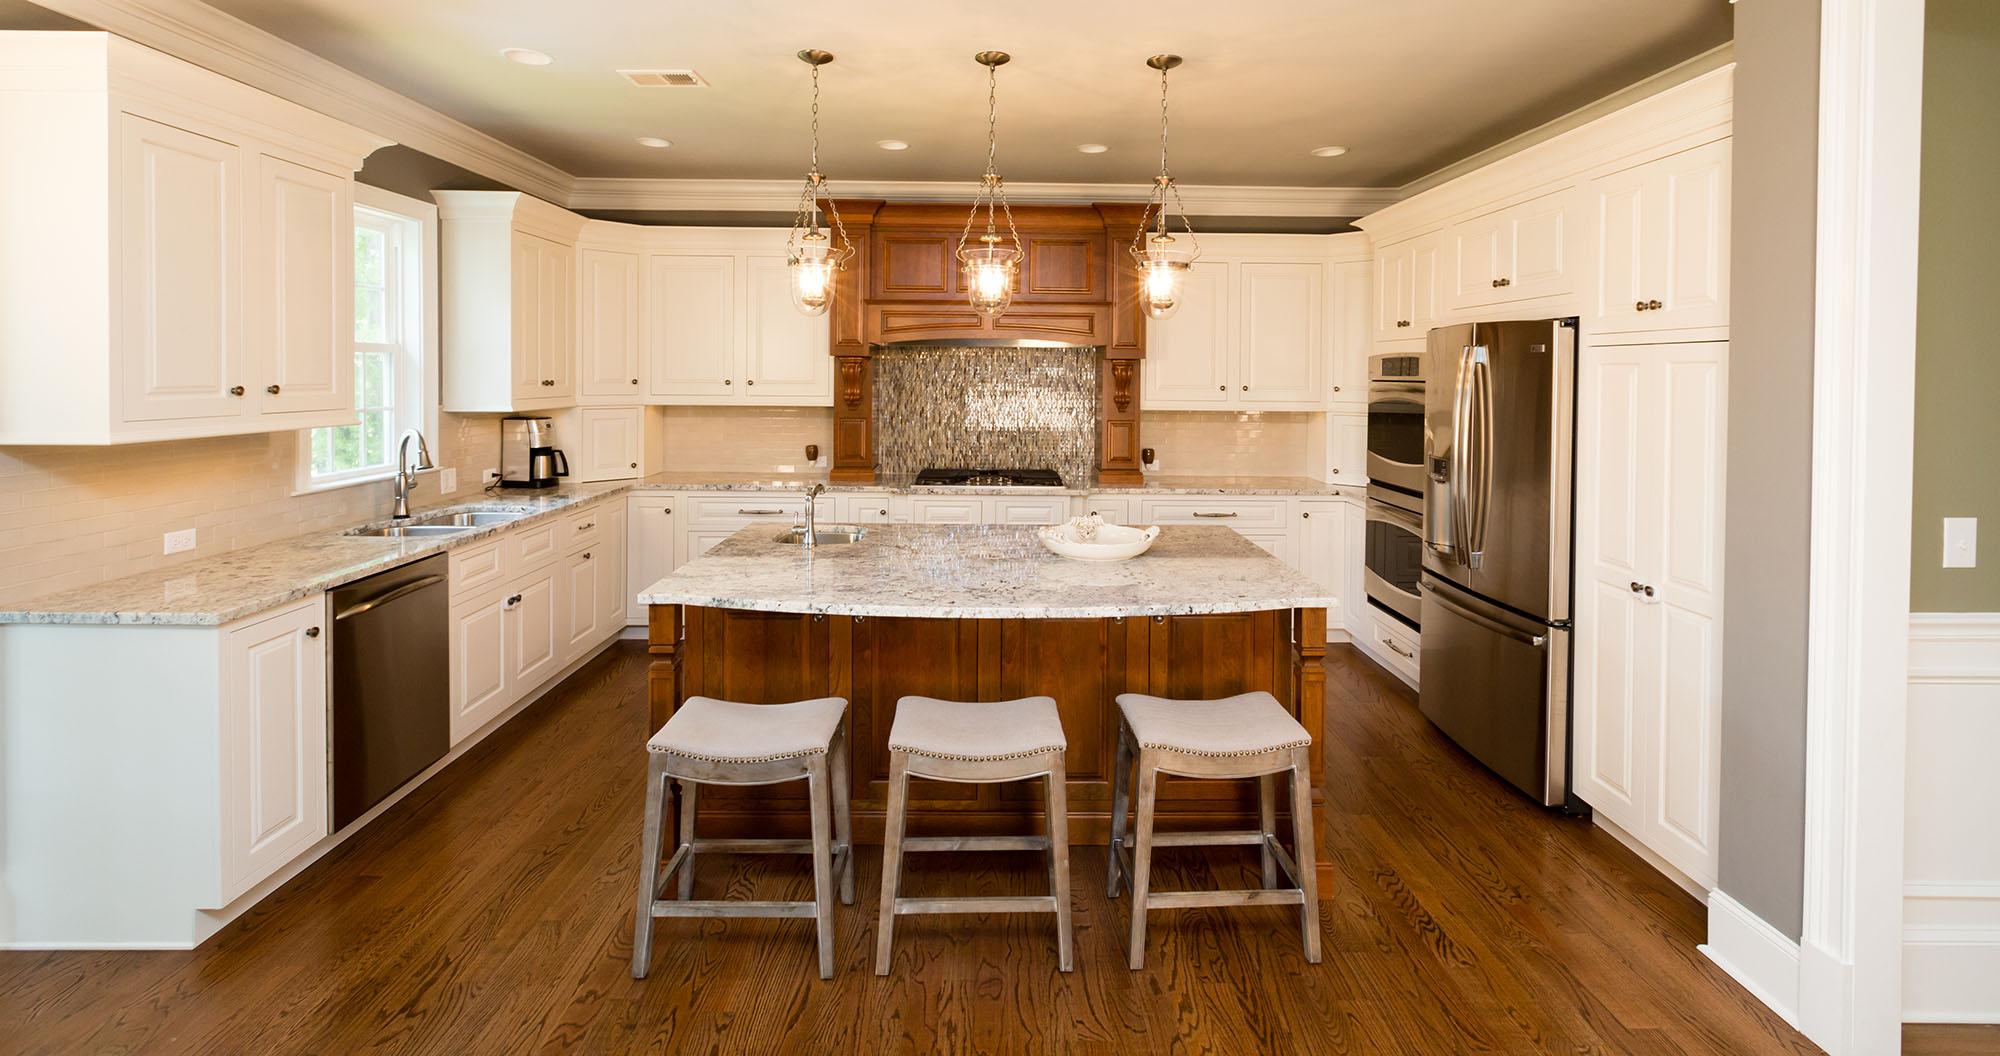 Kitchen banner2 kitchen banner2 magnolia kitchens and baths for Banner kitchen and bath